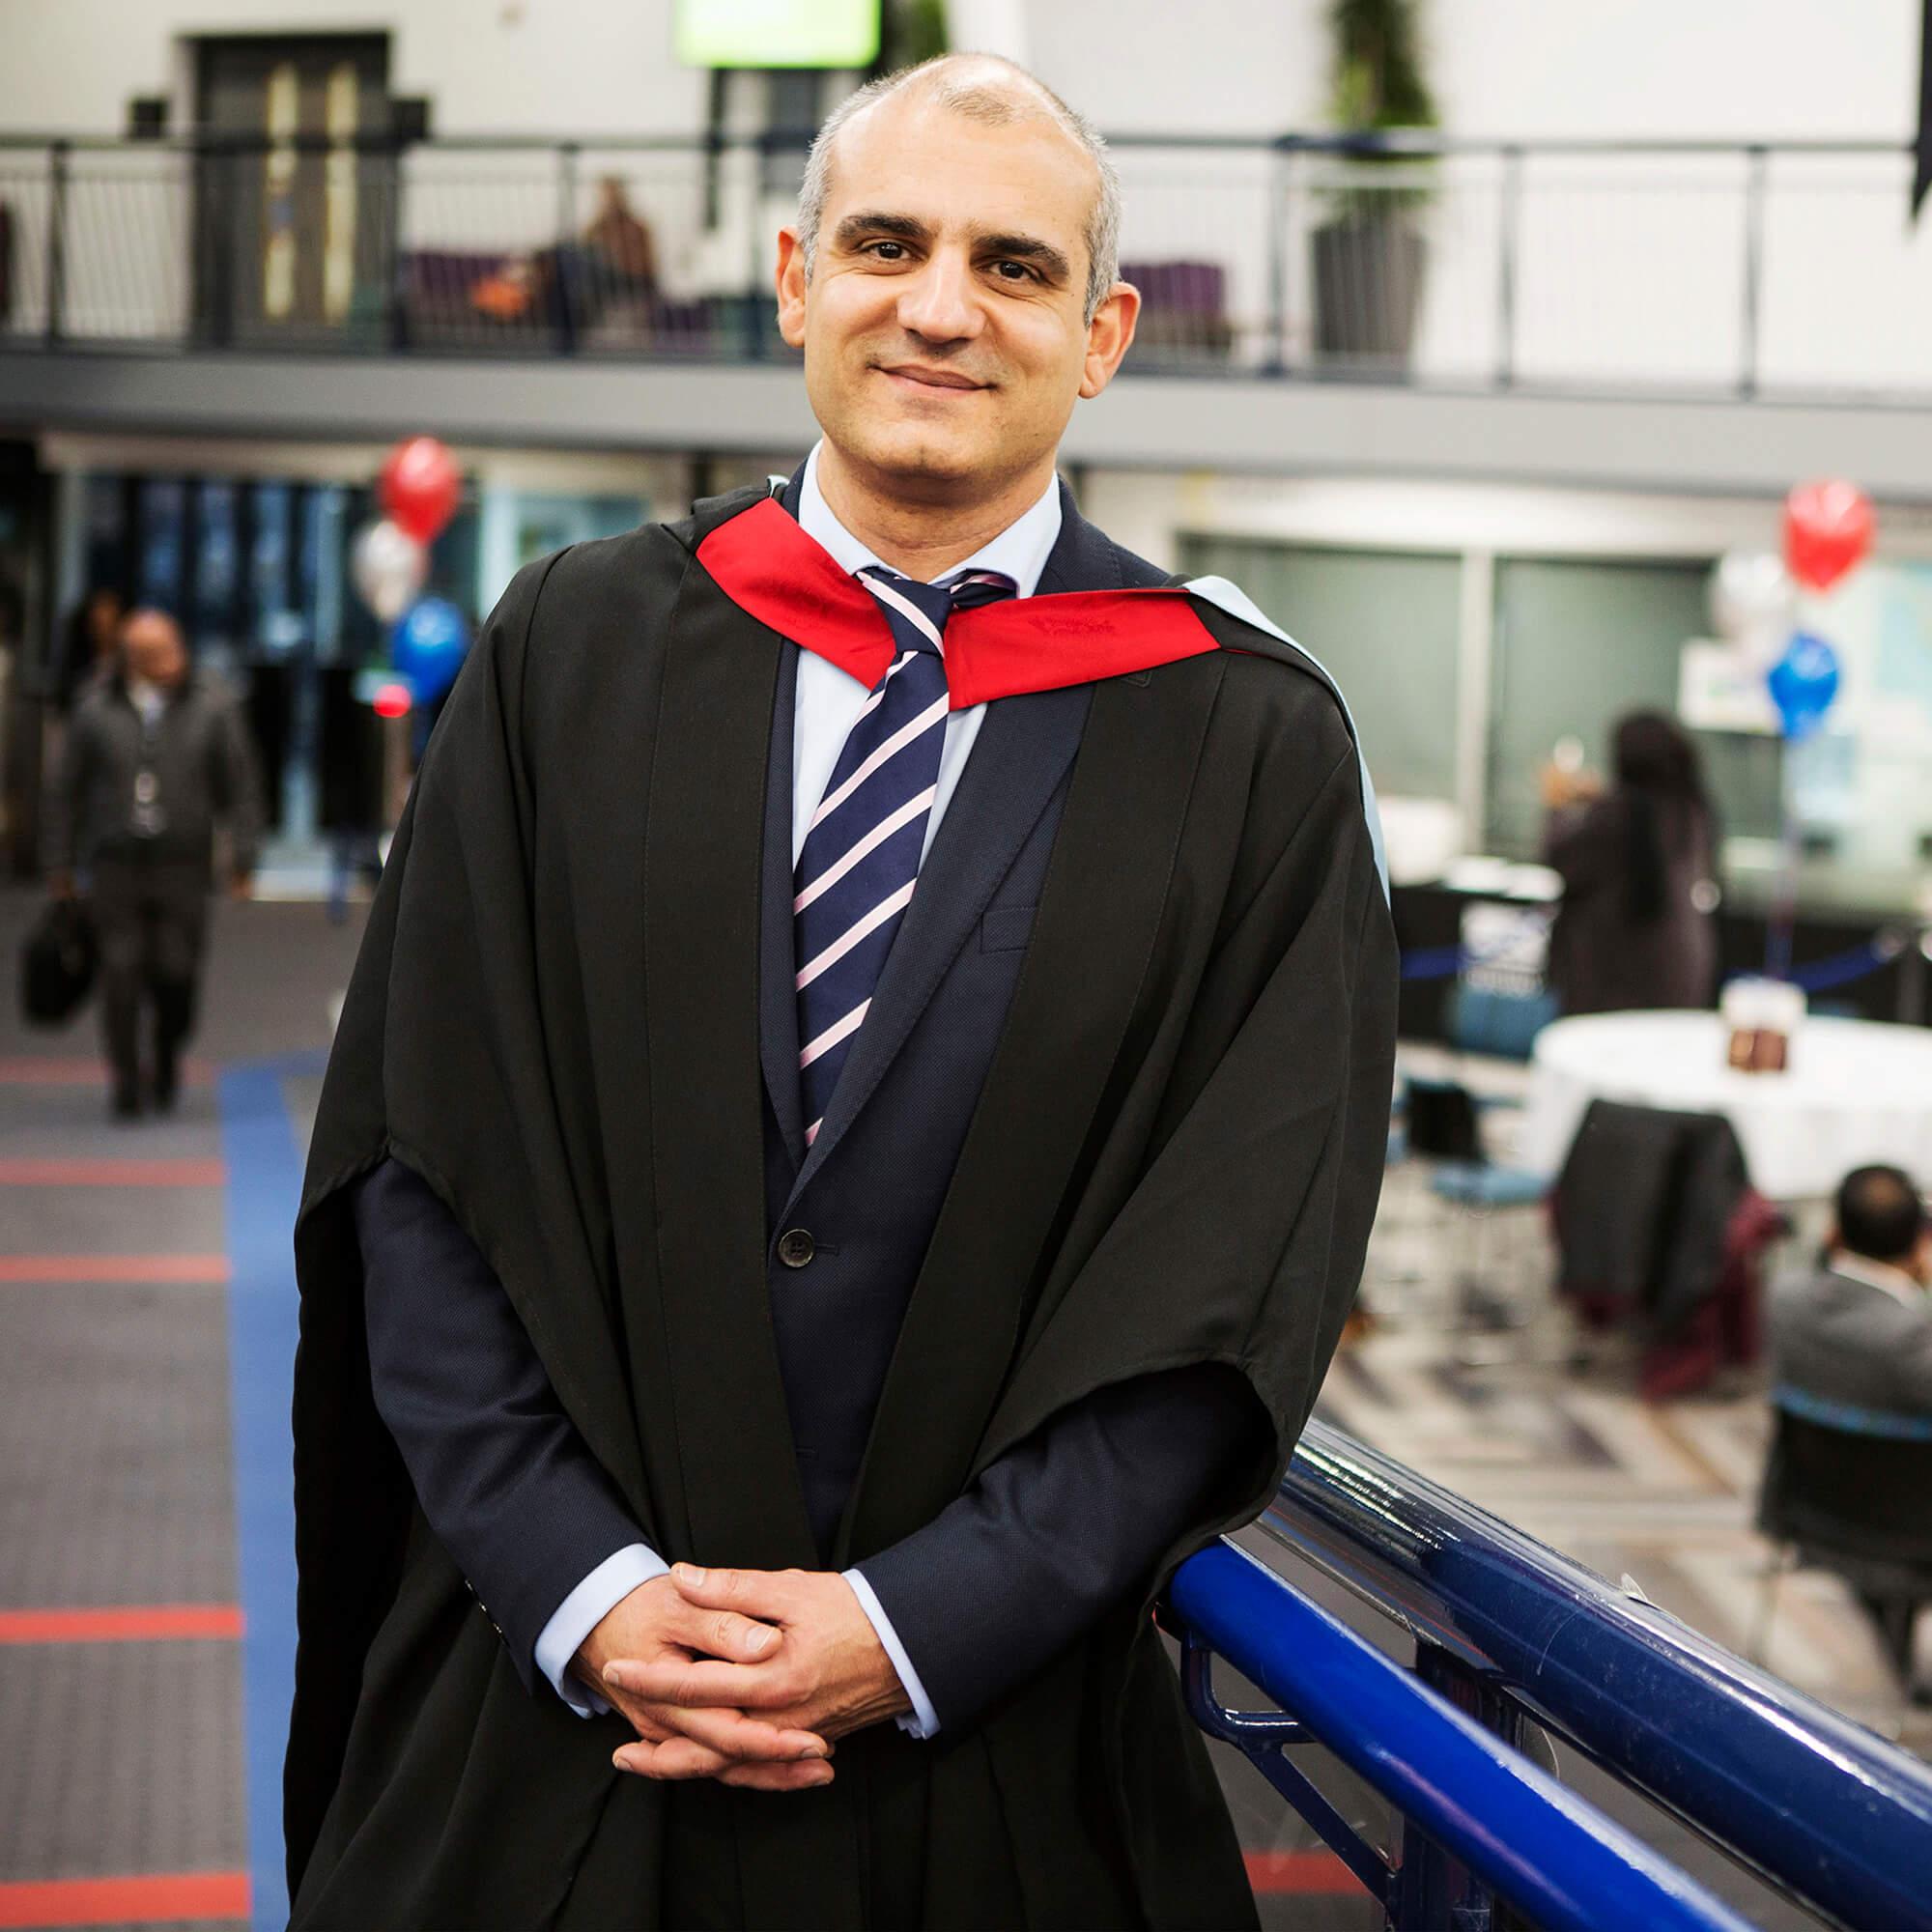 George Papakyritsis at his graduation